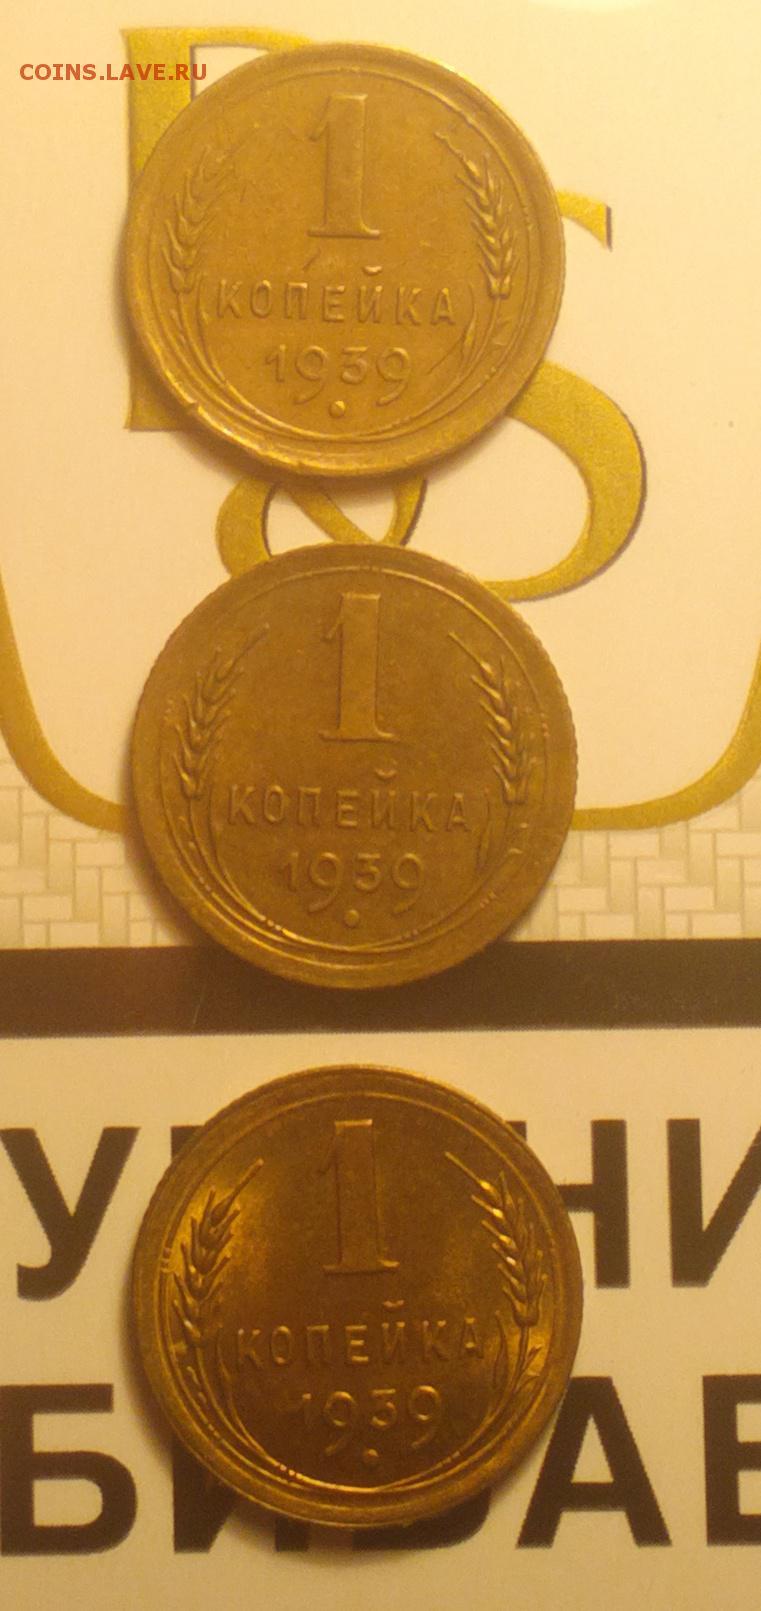 Куплю 1 копейку 3 рубля 1993 года сталинградская битва цена